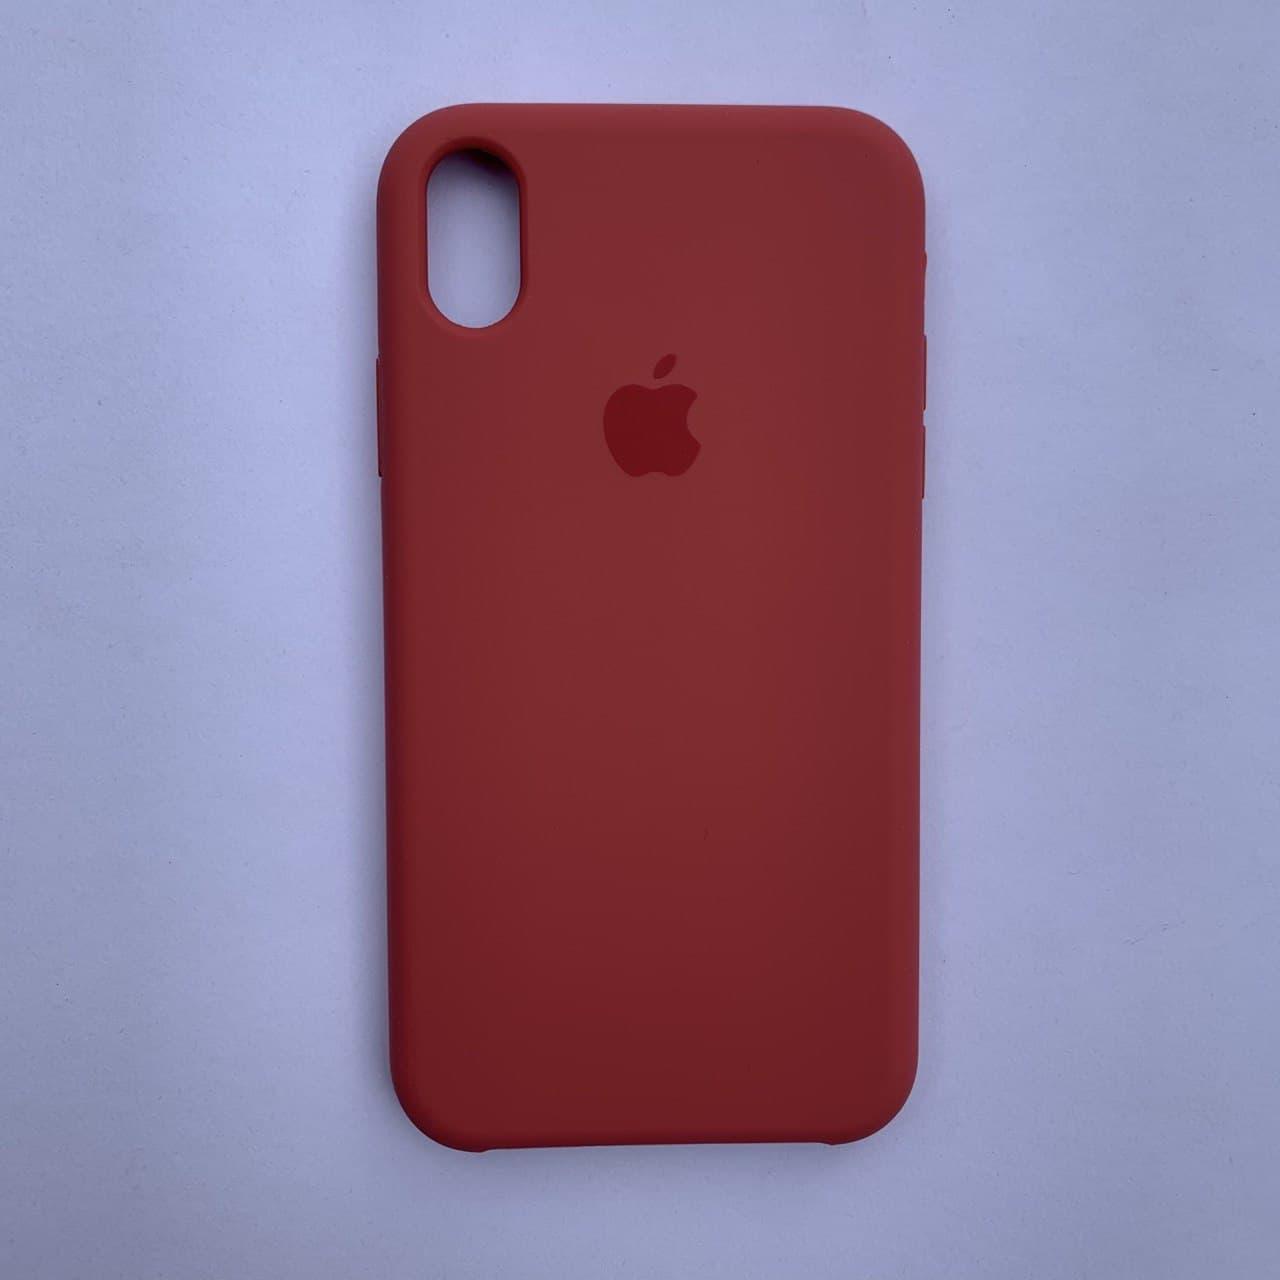 Чехол-накладка Silicone Case для Apple iPhone XR Strawberry